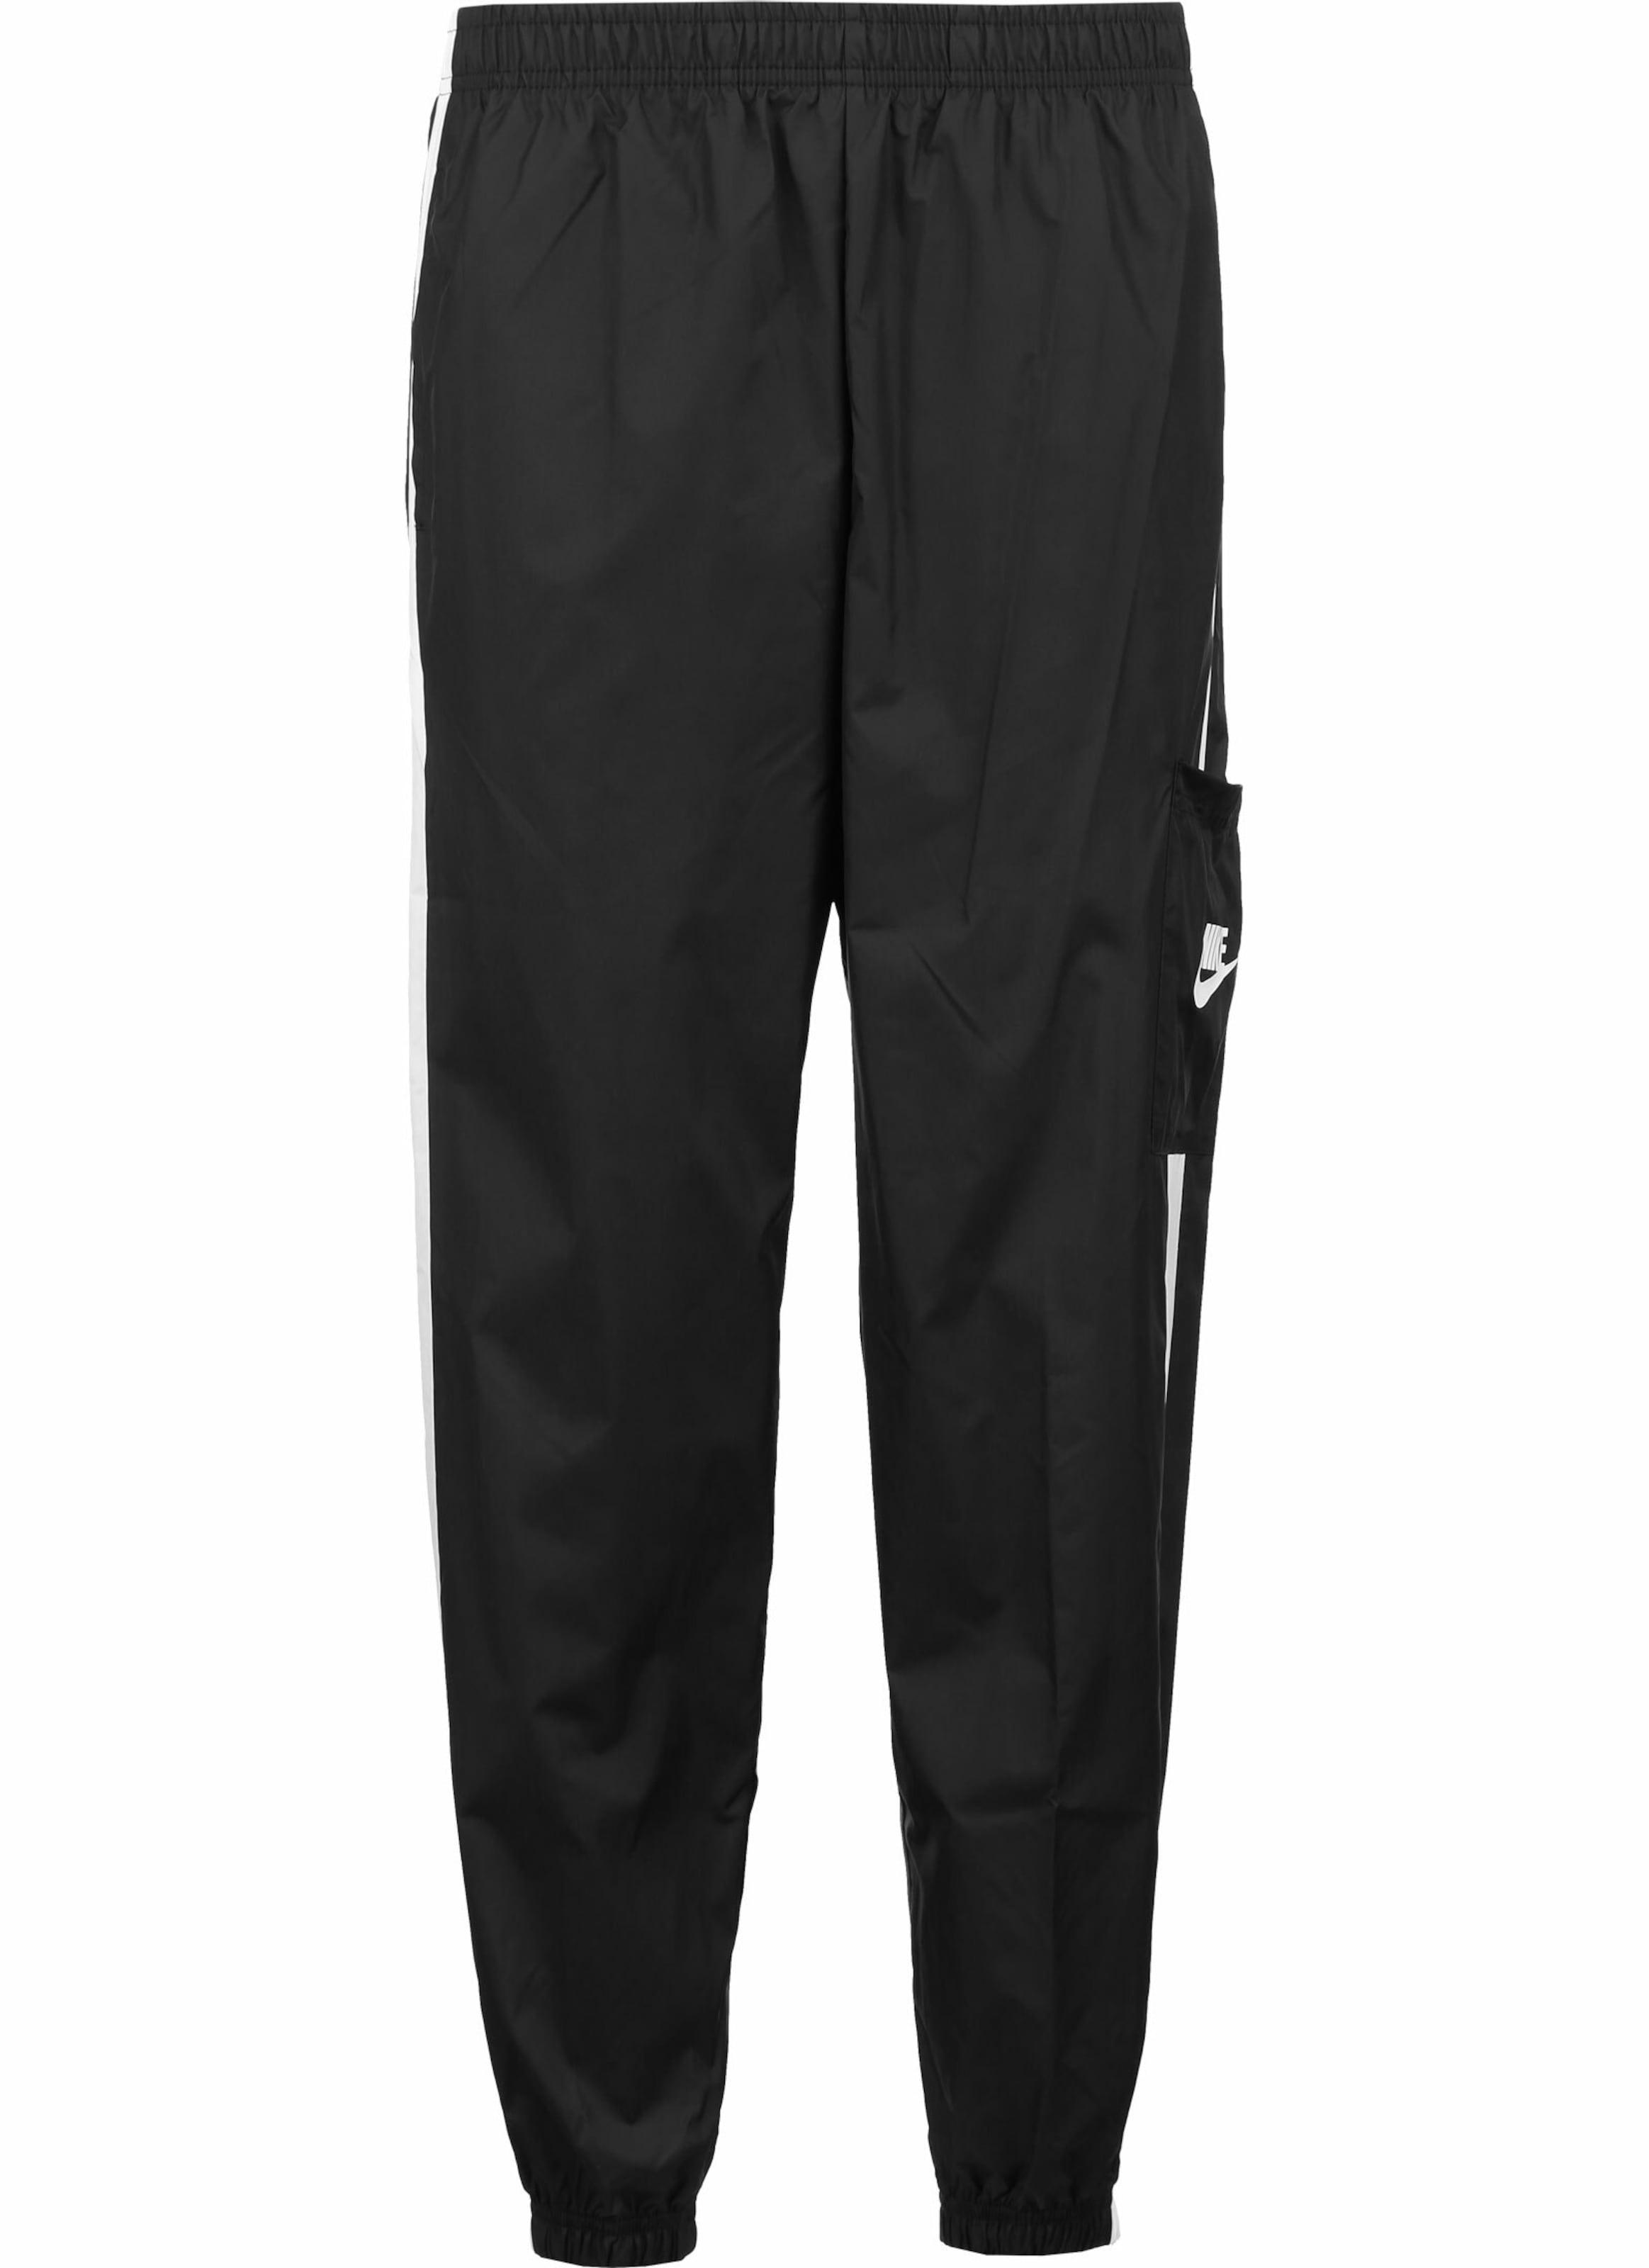 Nike Sportswear Nadrág fekete / fehér színben